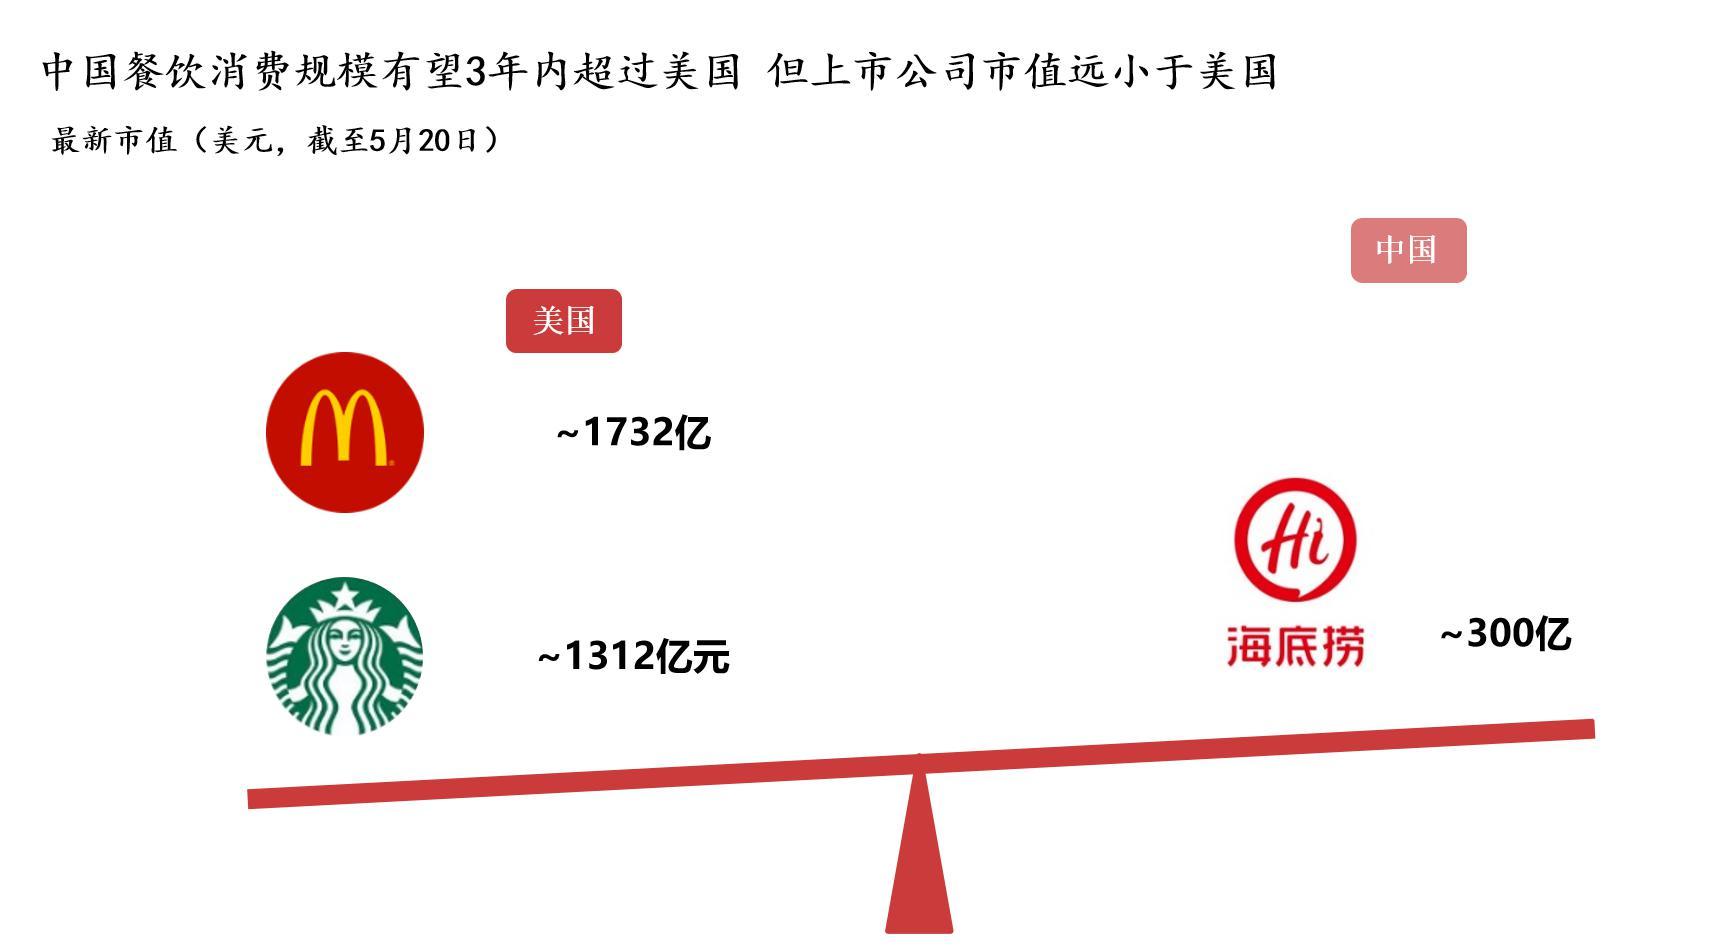 共建餐饮黄金时代!百福控股CEO王小龙CCFA解读餐饮业机遇